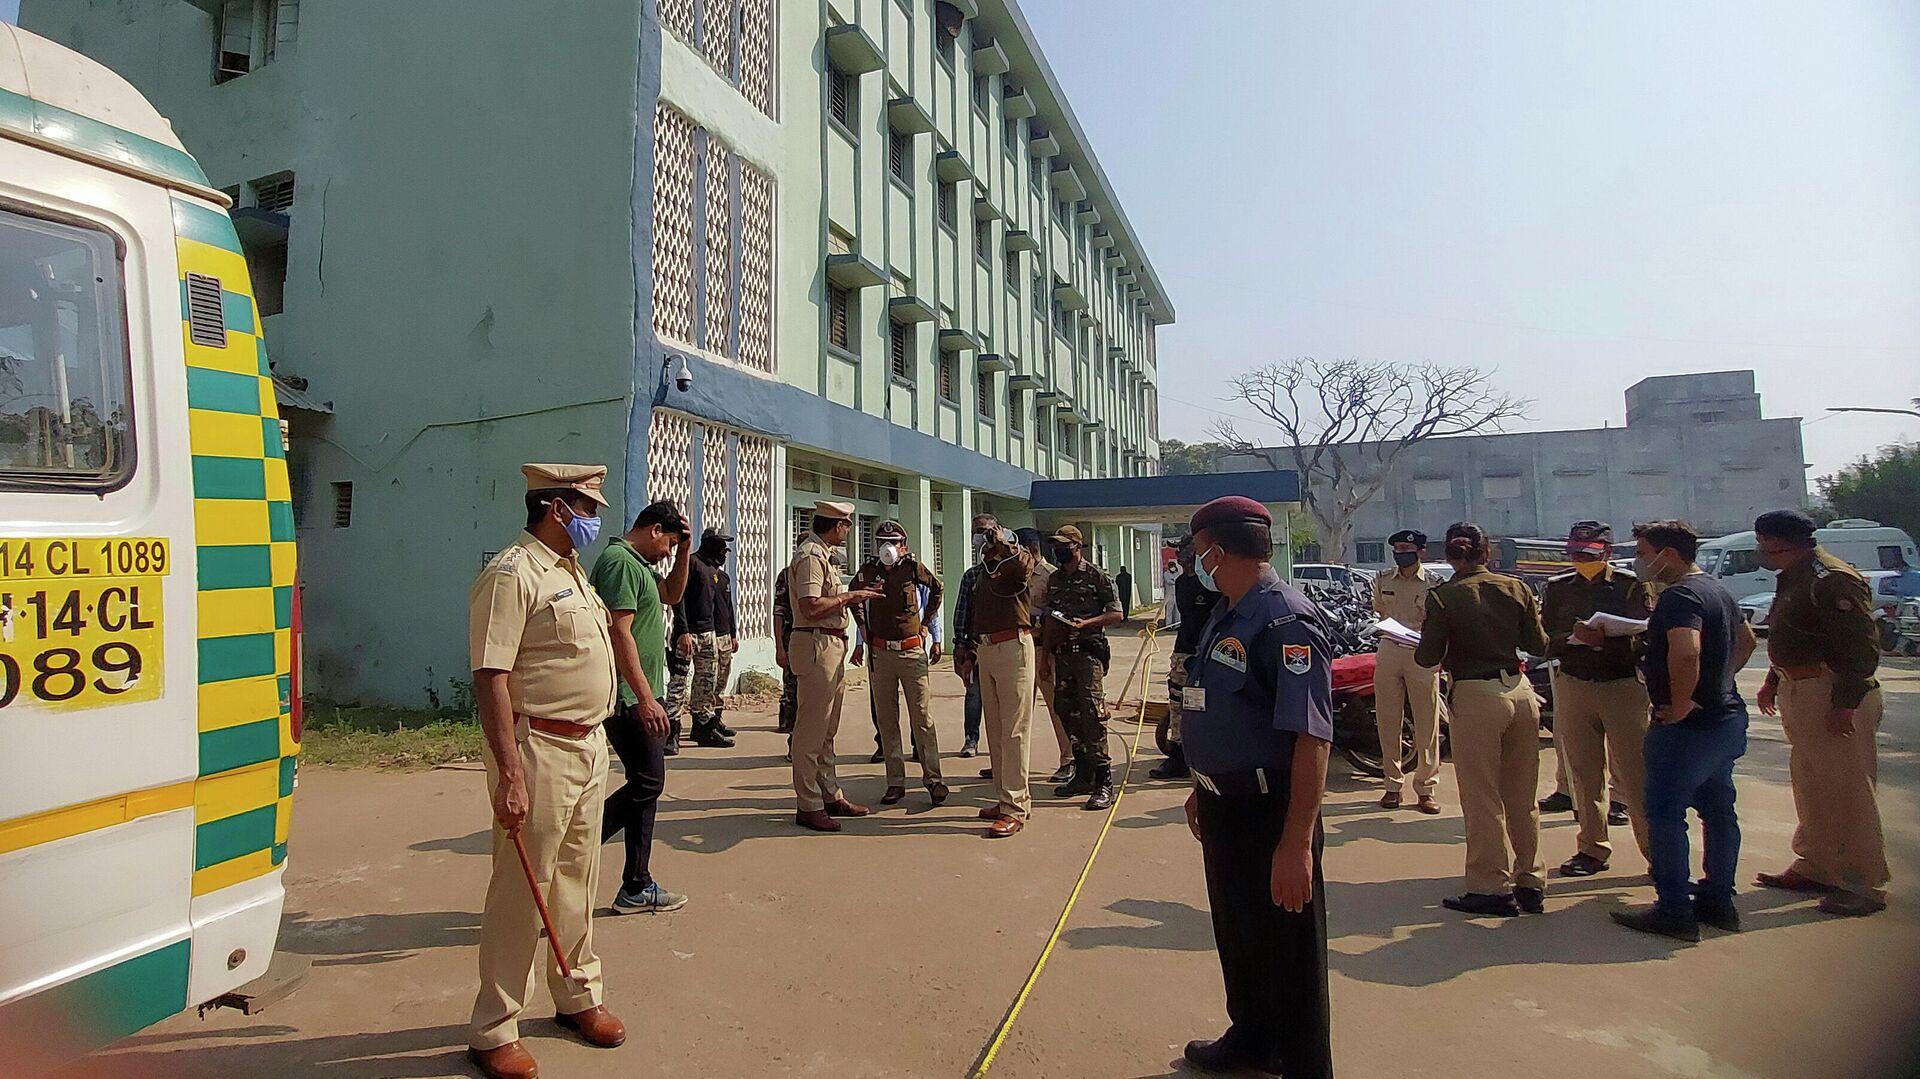 Полицейские на месте пожара в районной больнице общего профиля в Бхандаре, Индия - РИА Новости, 1920, 11.04.2021